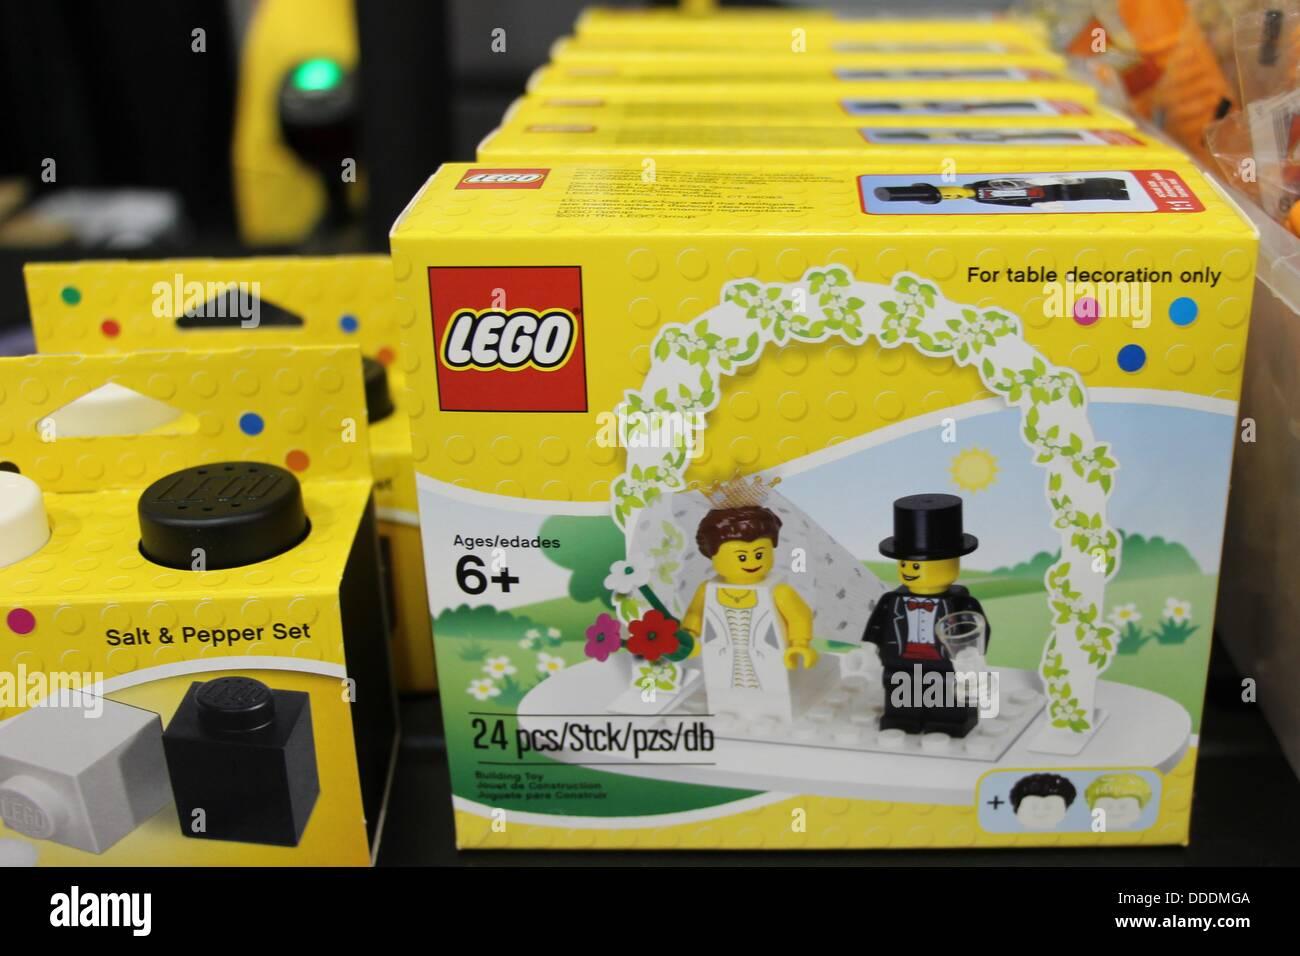 Lego Figures Wedding Cake